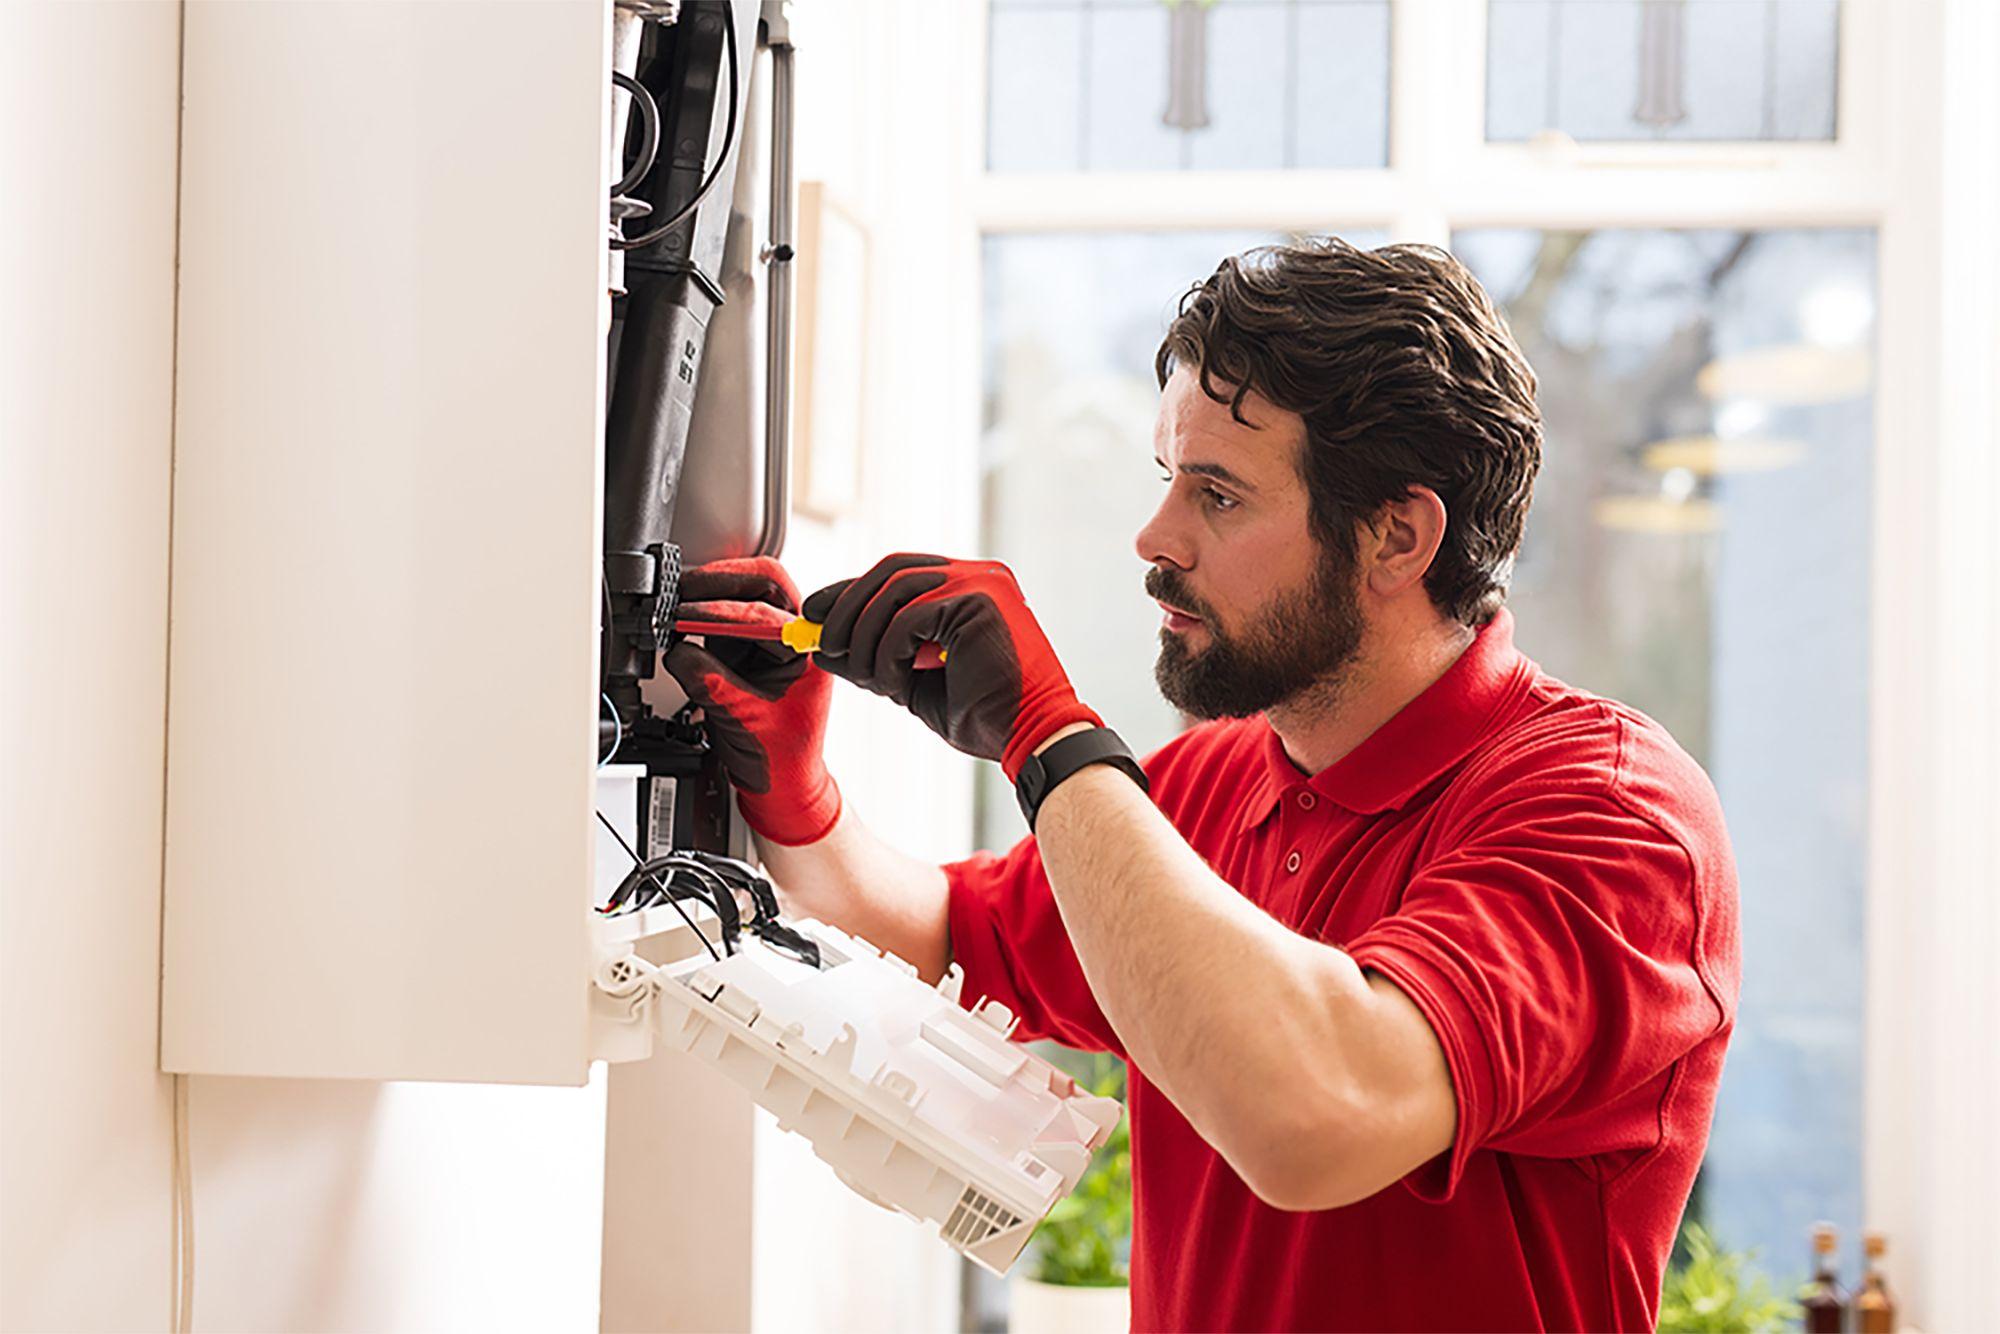 El mantenimiento de las calderas es clave para evitar gastos extra